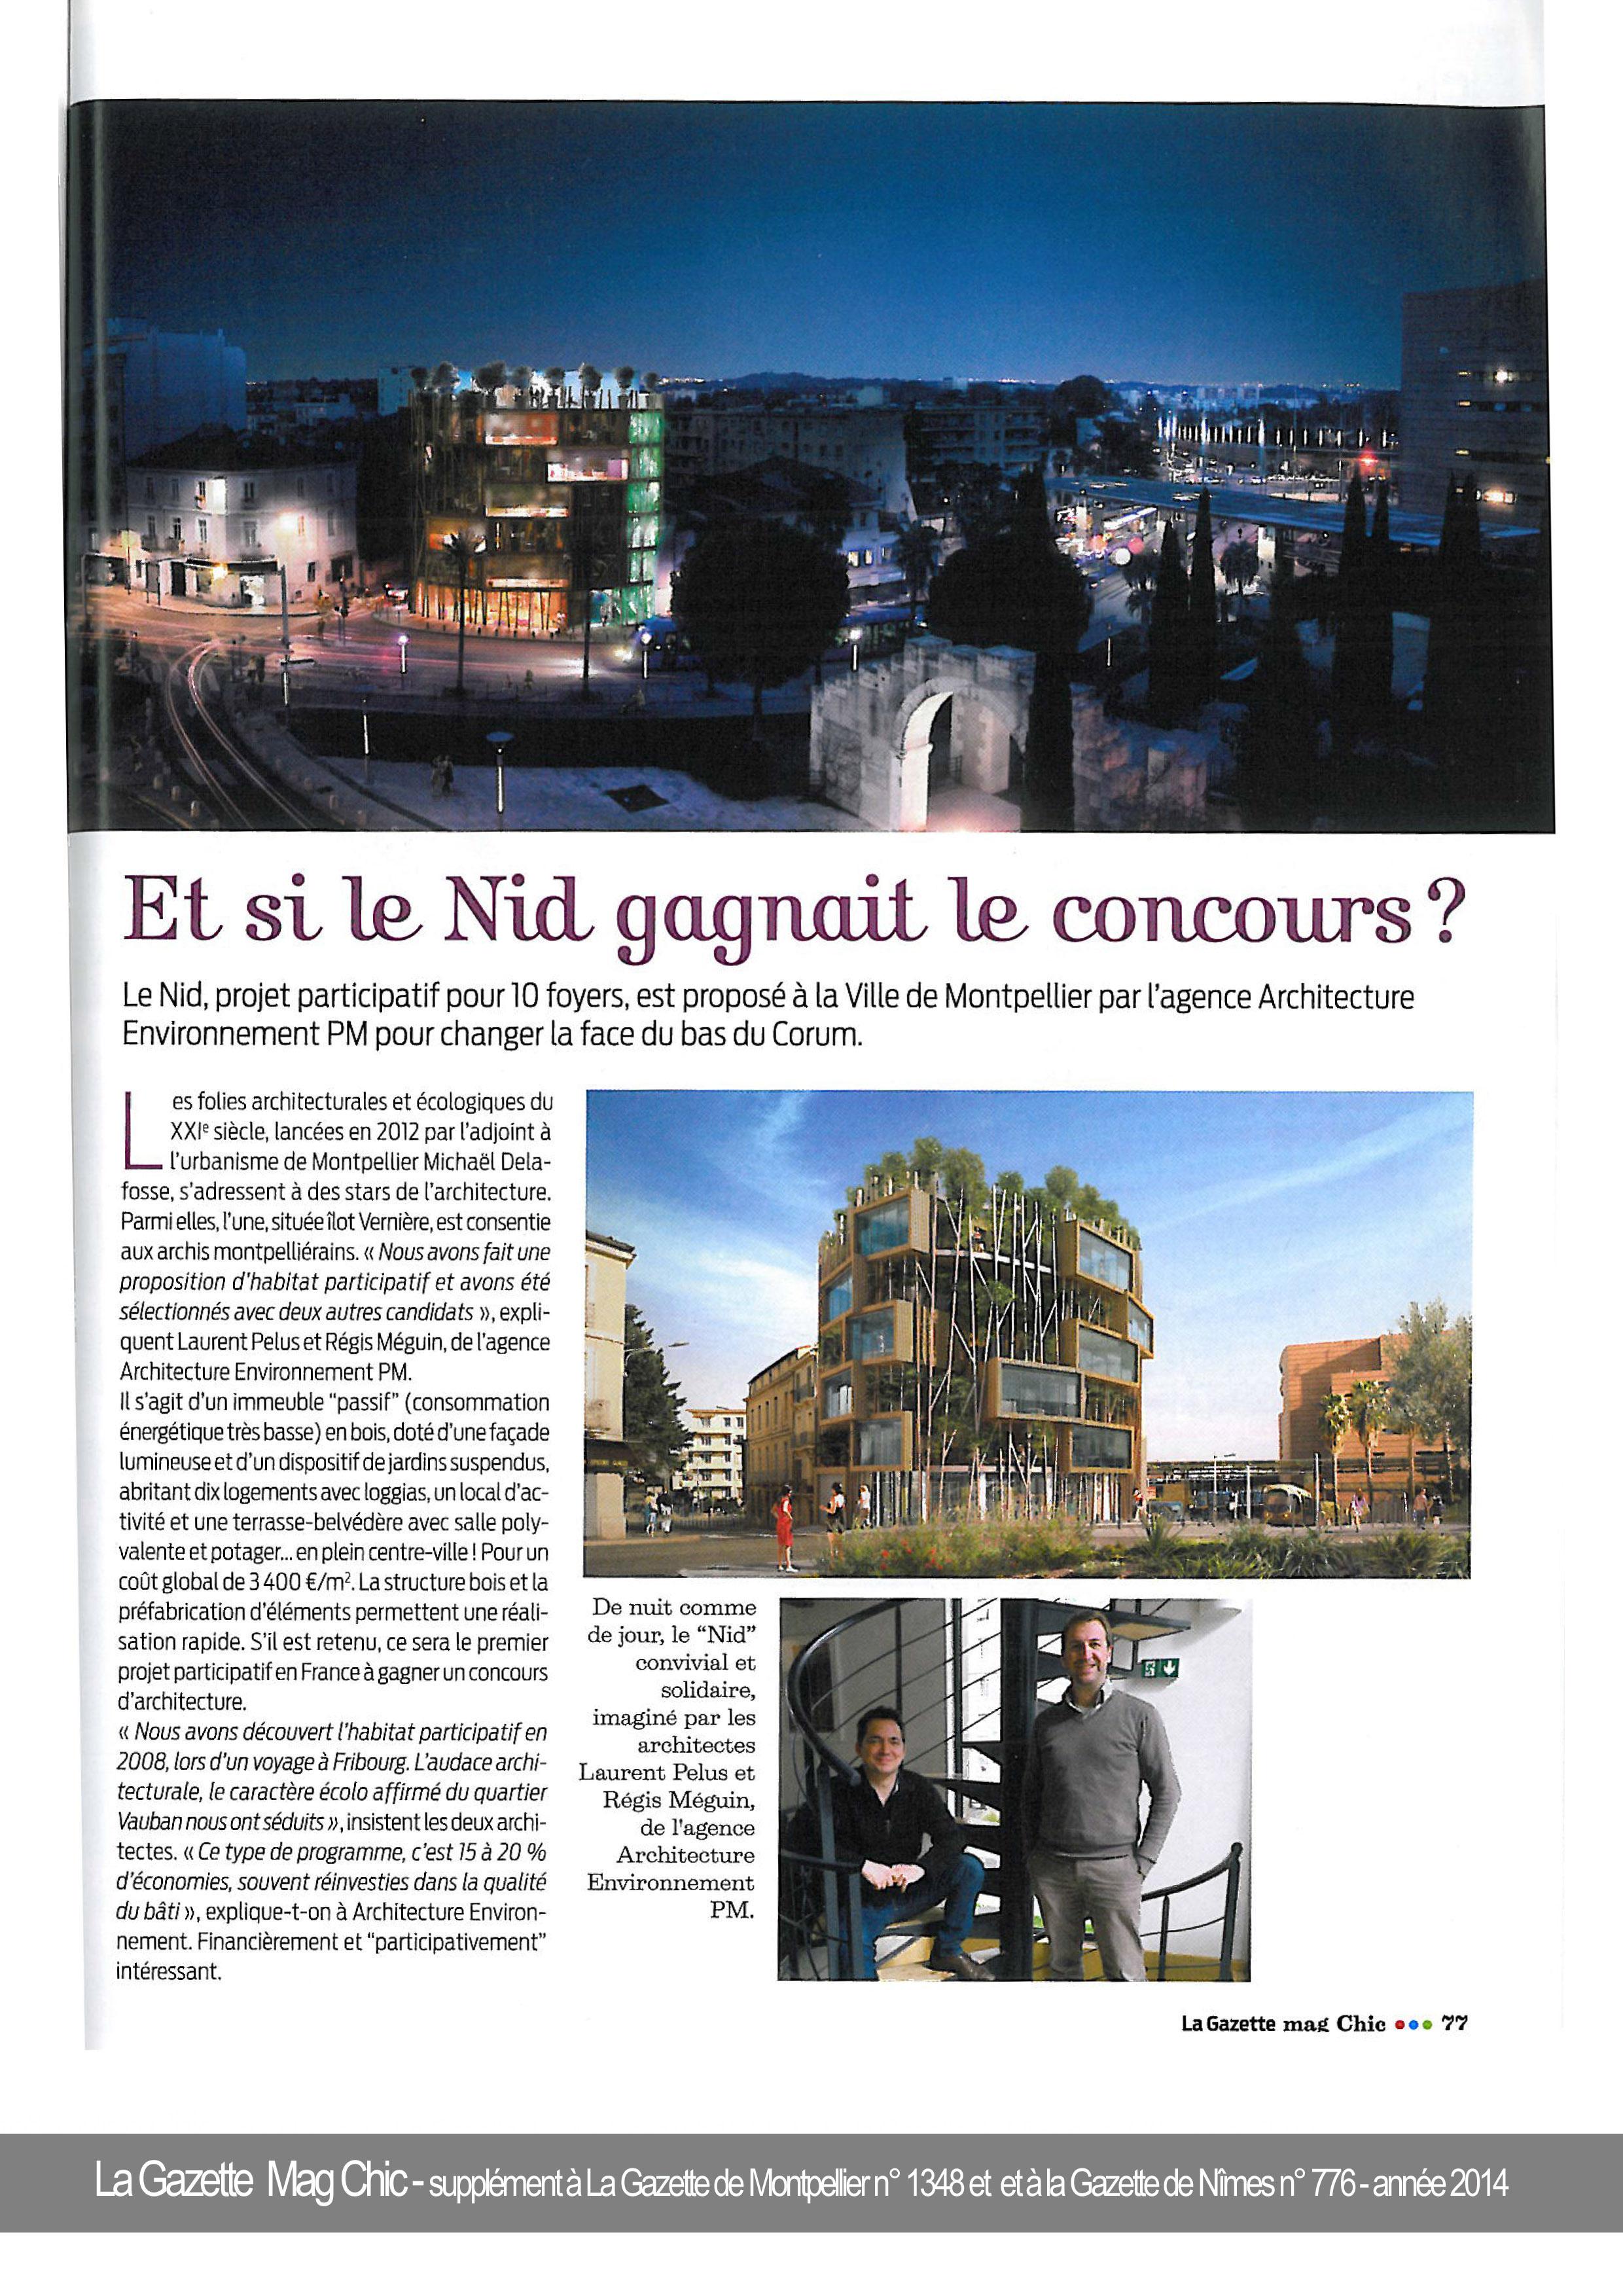 la-gazette-mag-chic_avril-2014_et-si-le-nid-gagnait-le-concours